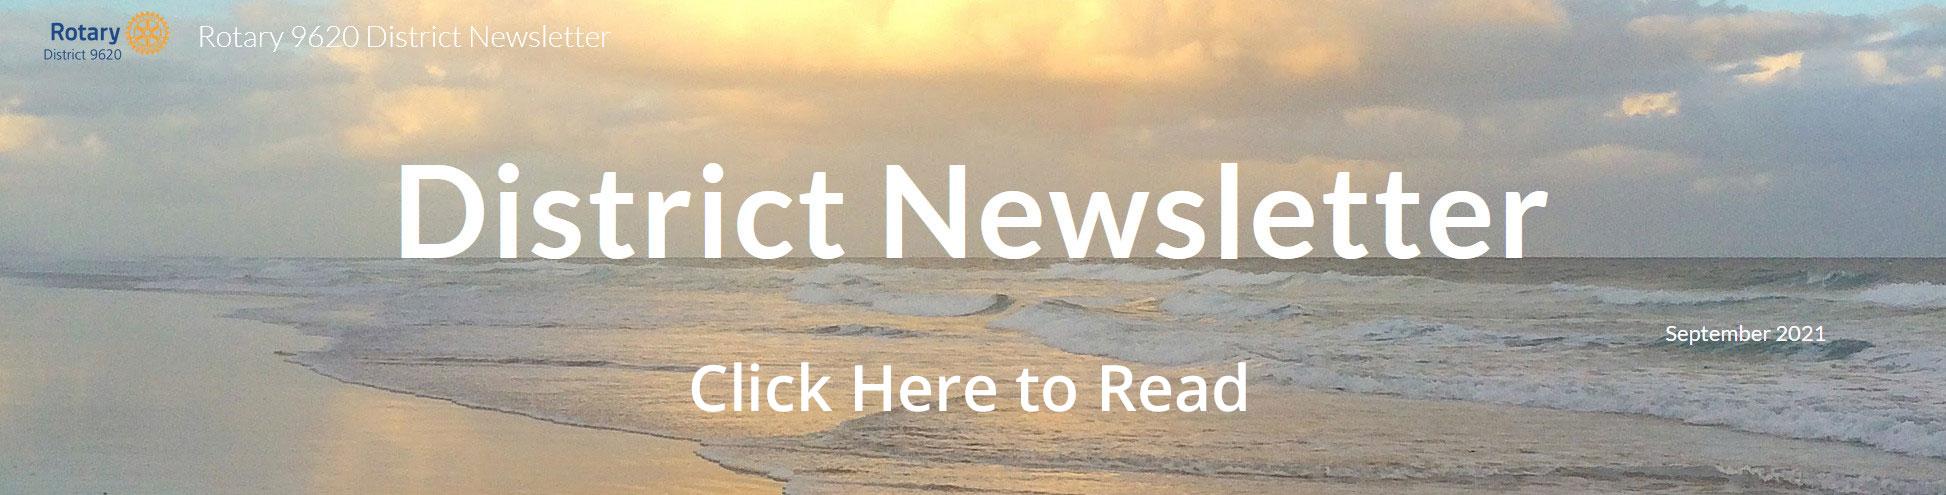 September District Newsletter